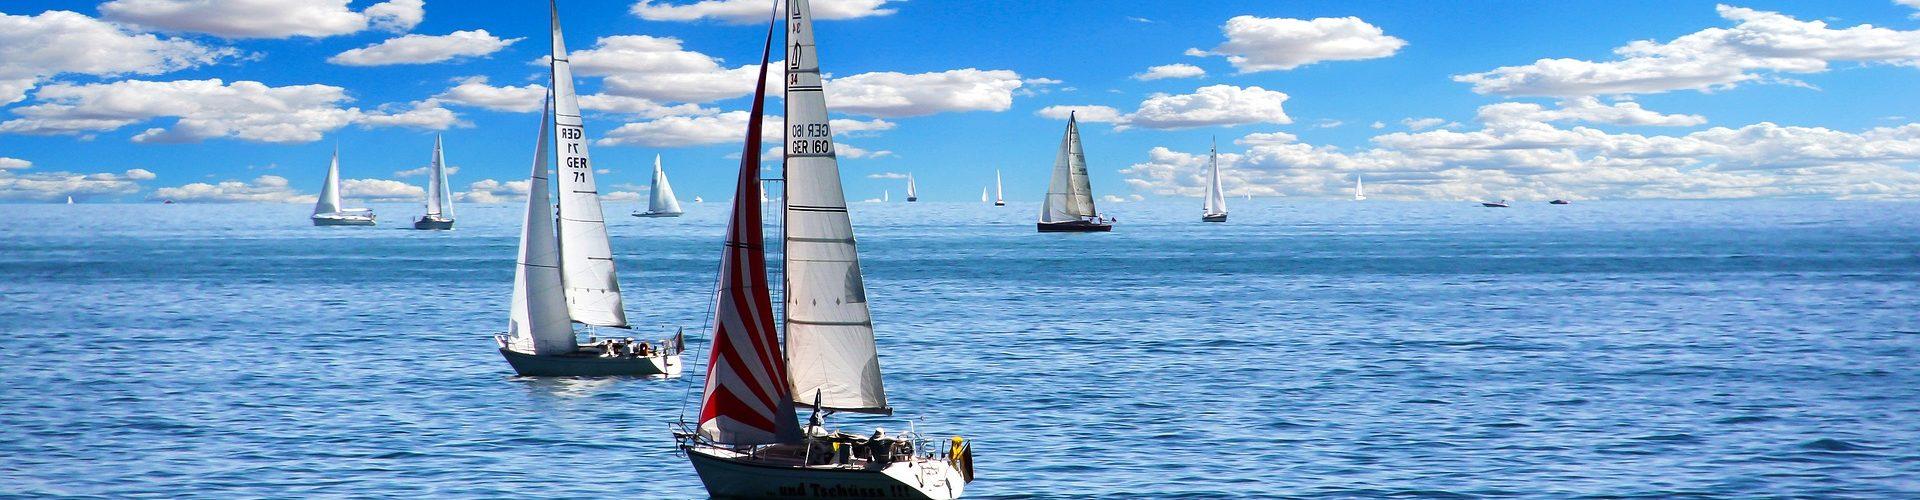 segeln lernen in Bad Kleinen segelschein machen in Bad Kleinen 1920x500 - Segeln lernen in Bad Kleinen